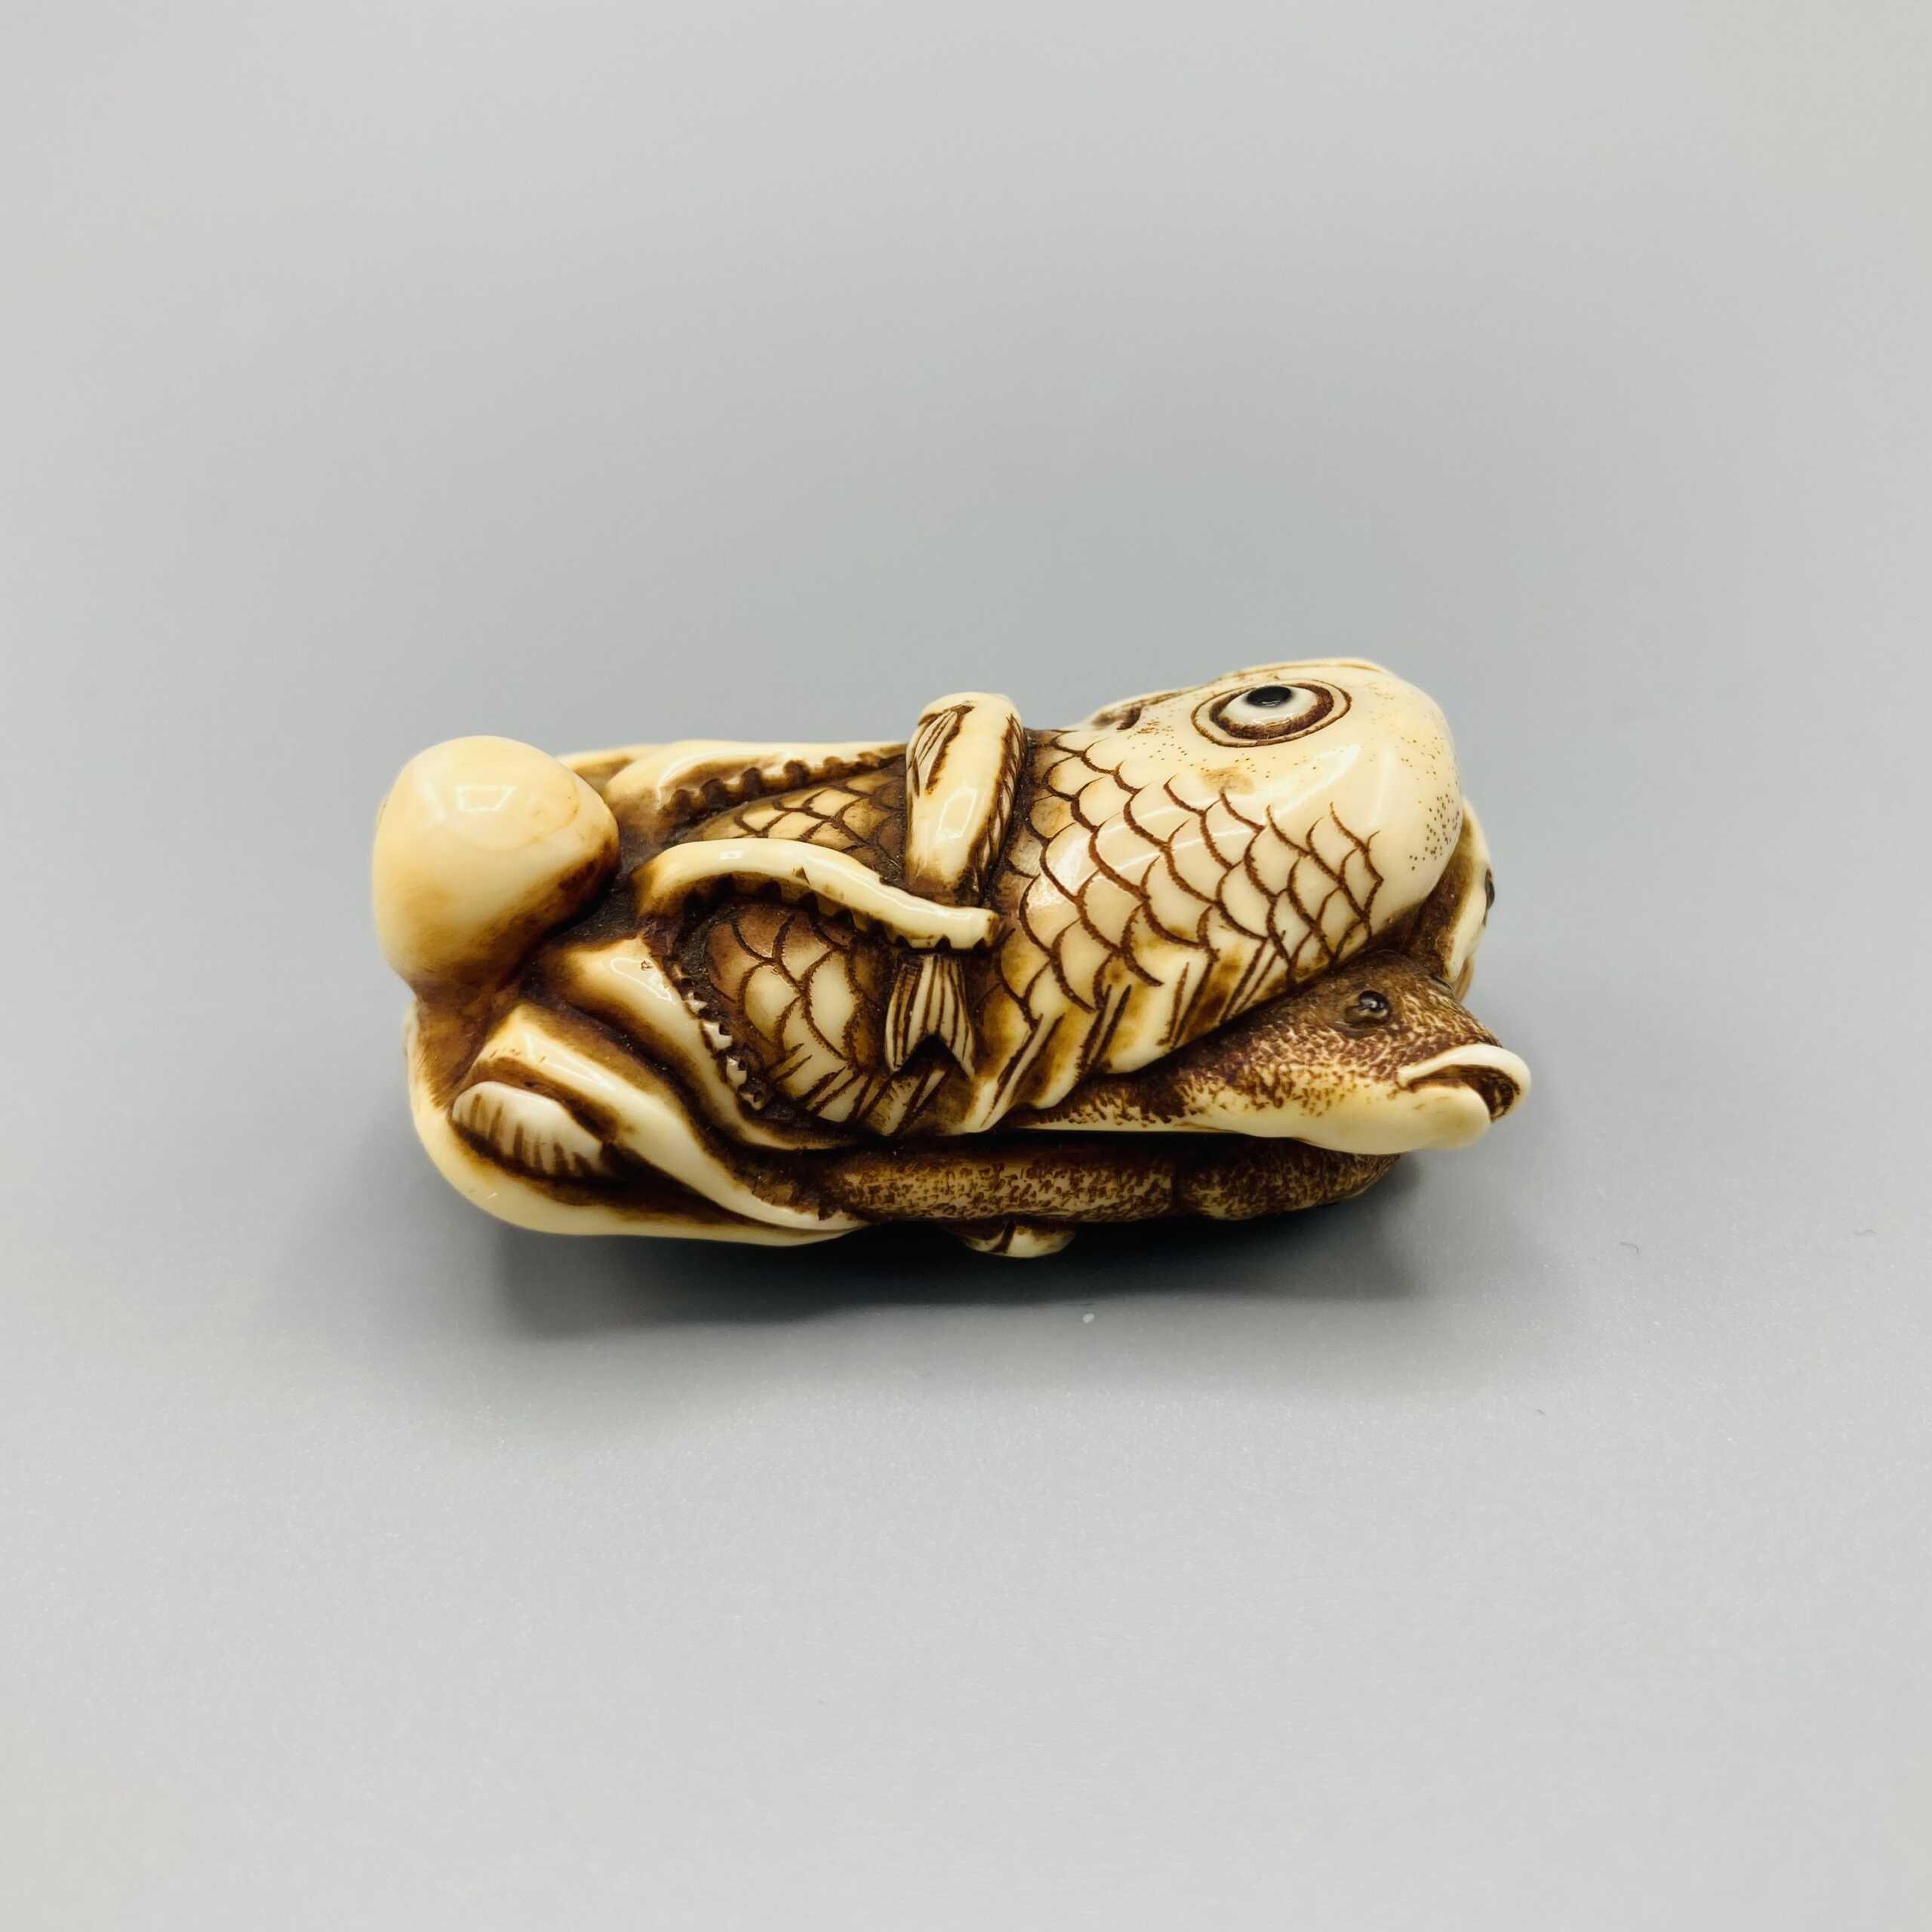 B508 Ikkosai ivory fish netsuke 3